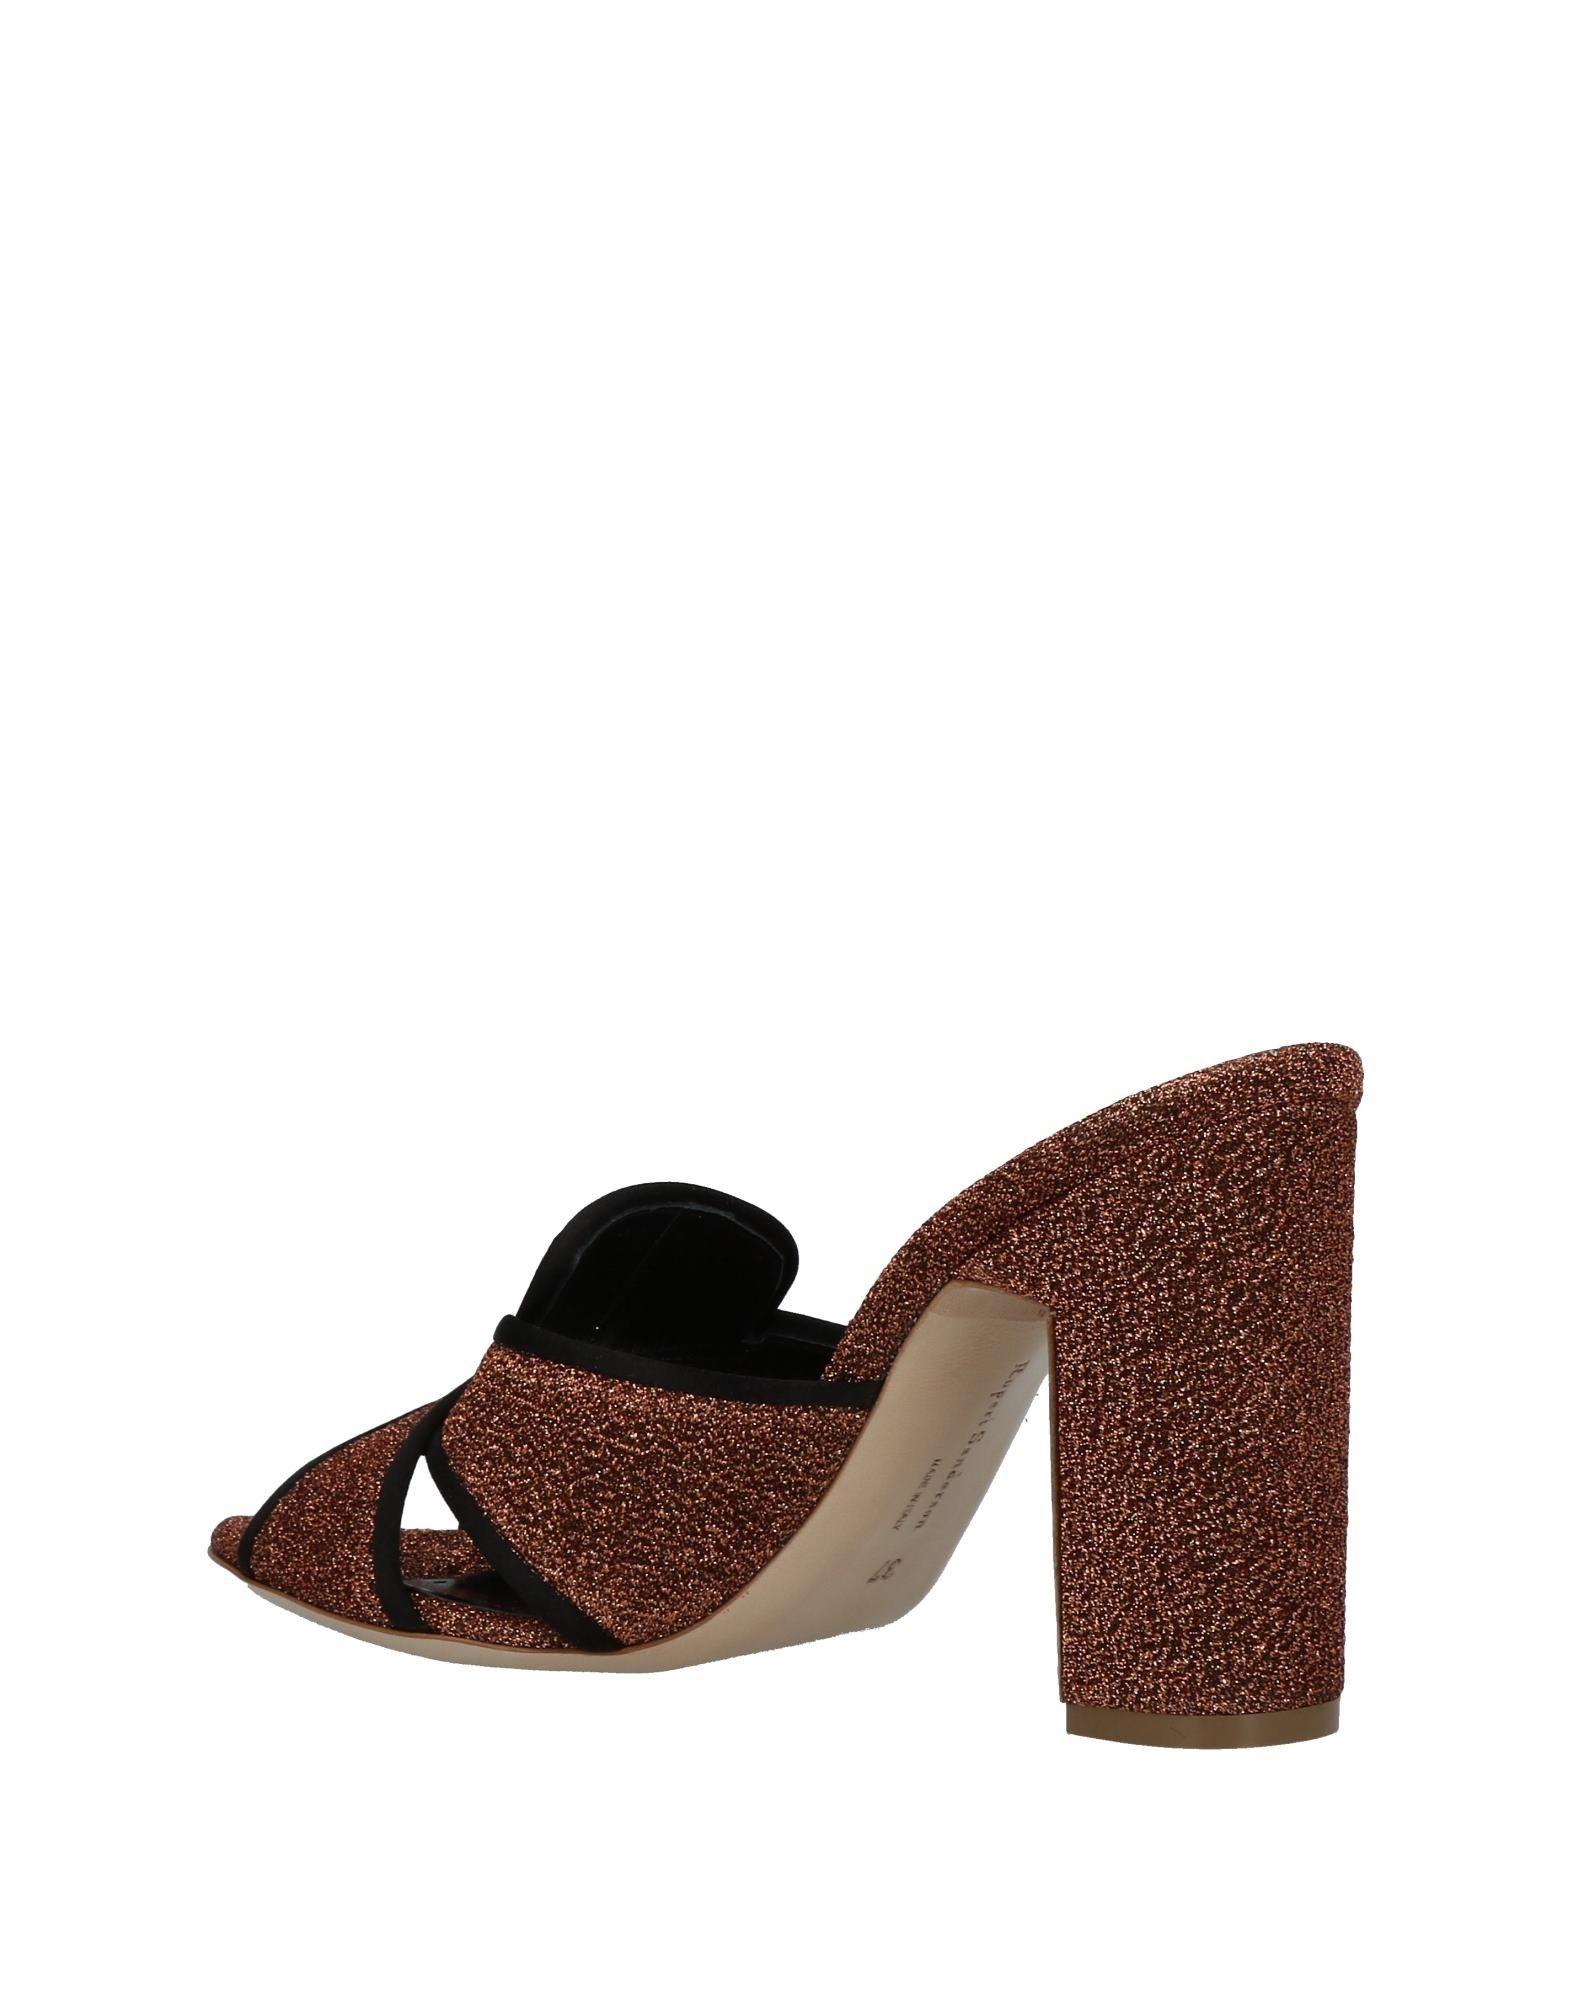 Rabatt Schuhe  Rupert Sanderson Sandalen Damen  Schuhe 11459779BT 2af8da